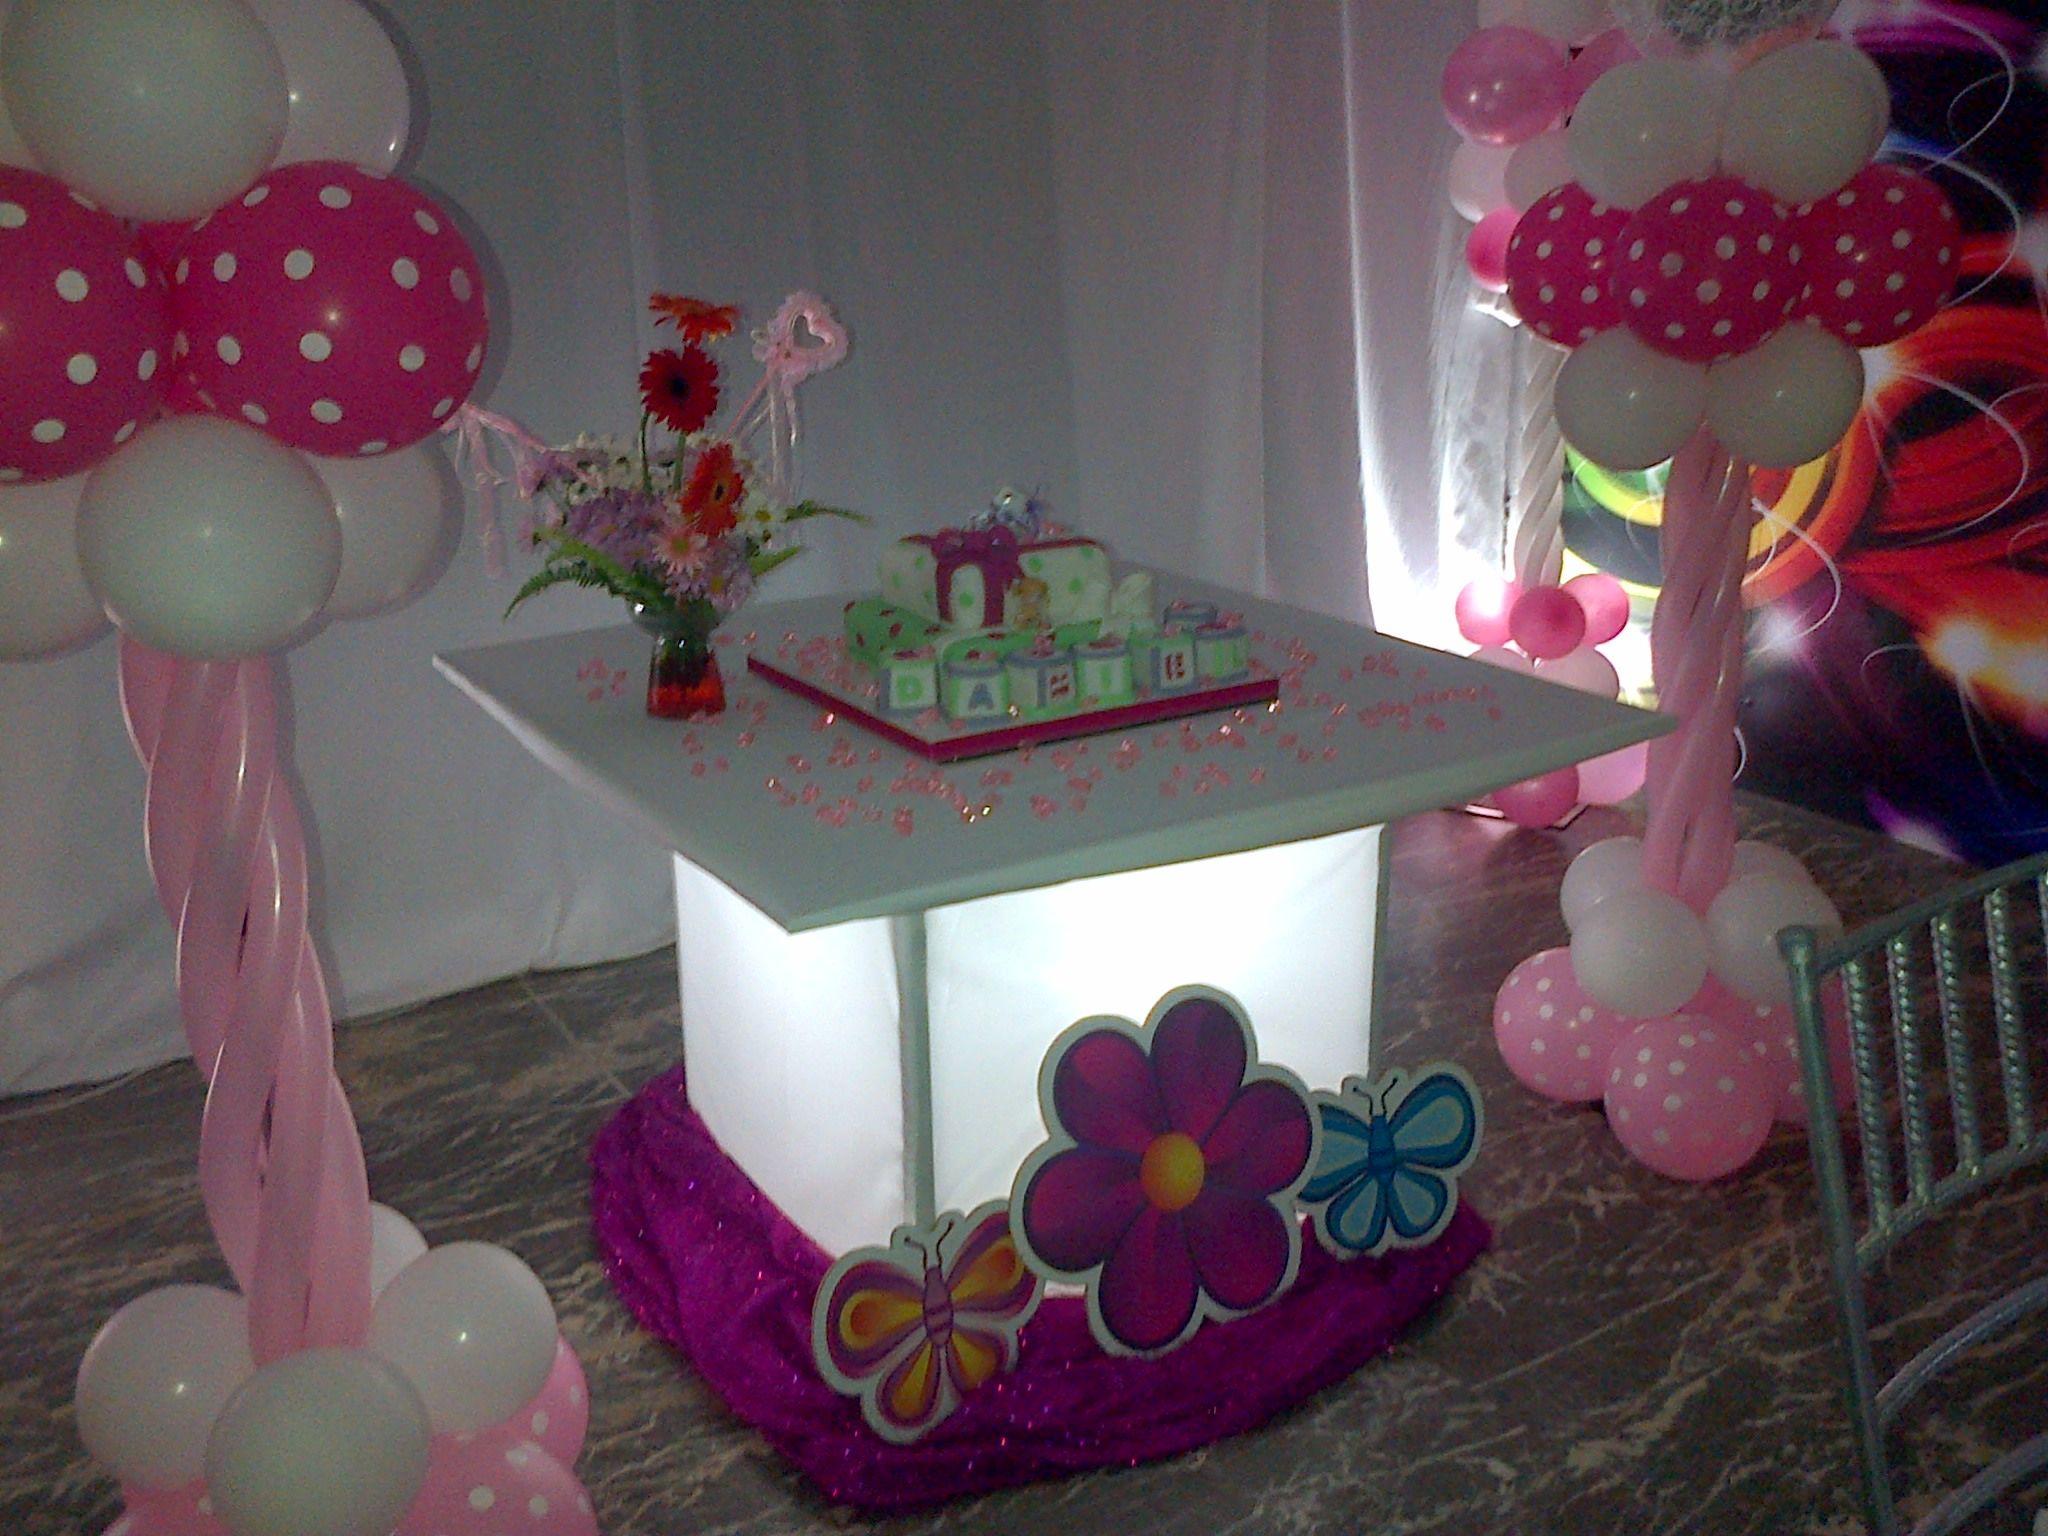 Mesa de luz para la torta decoracion para bautizo rosa y - Decoracion de mesa de bautizo ...